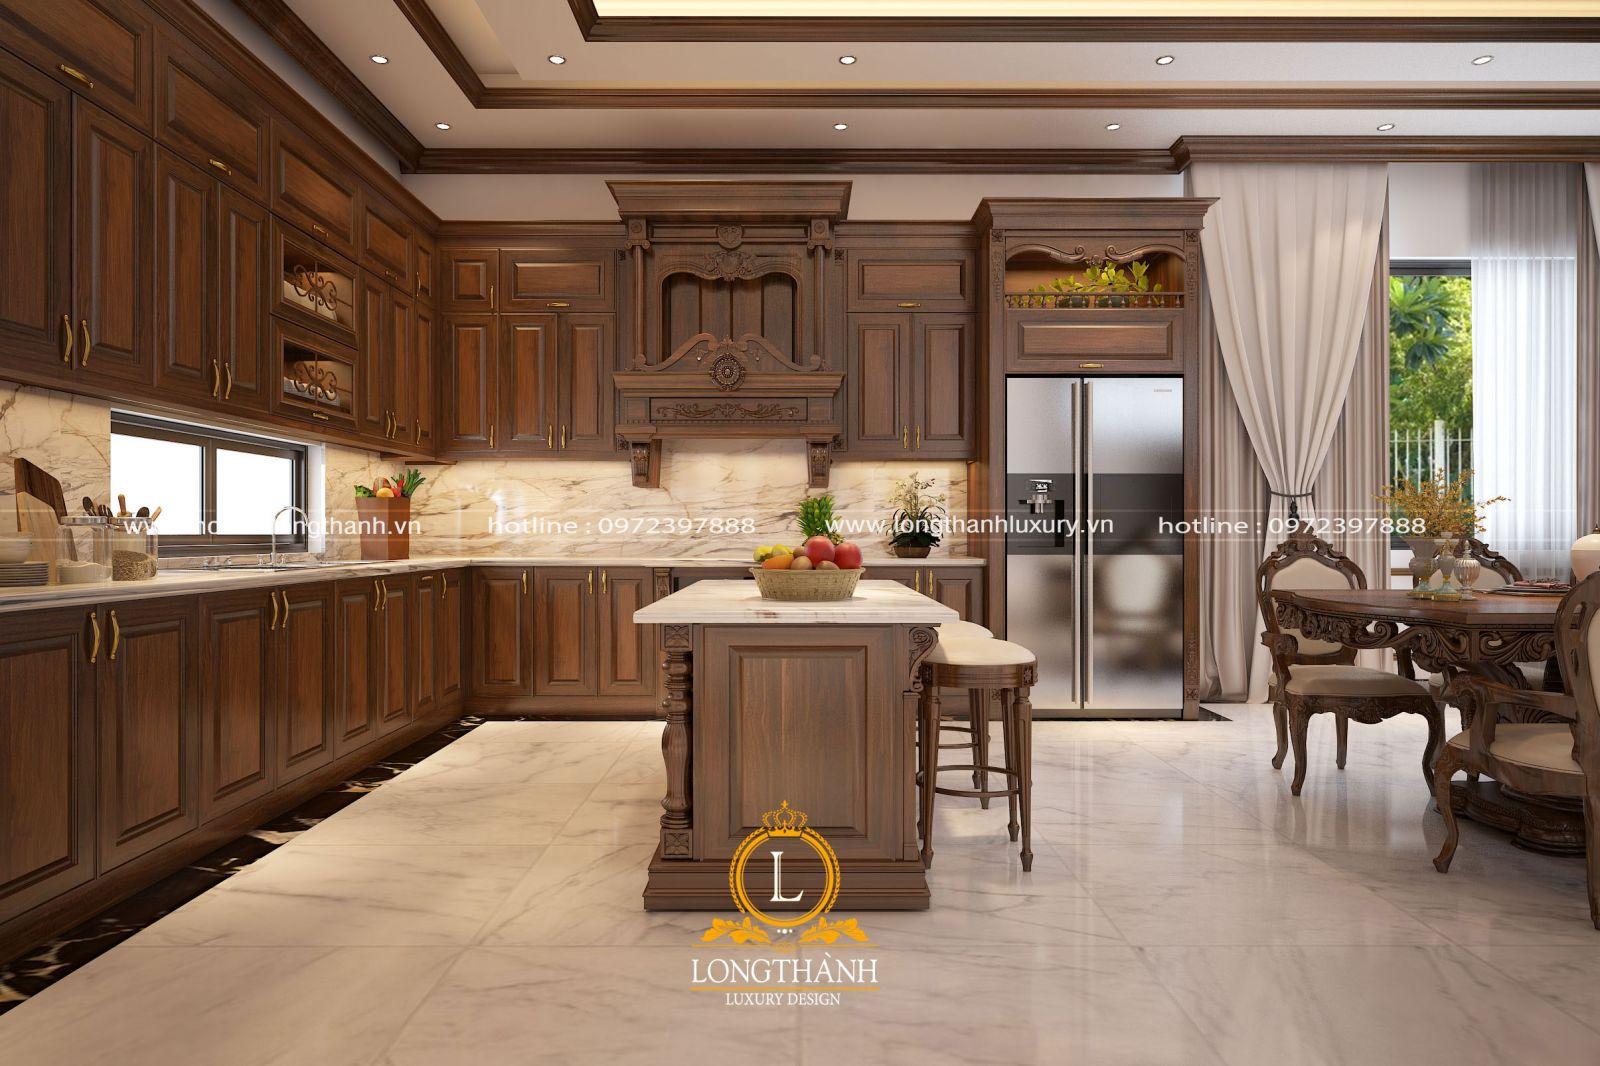 Tủ bếp màu nâu đẹp sang trọng